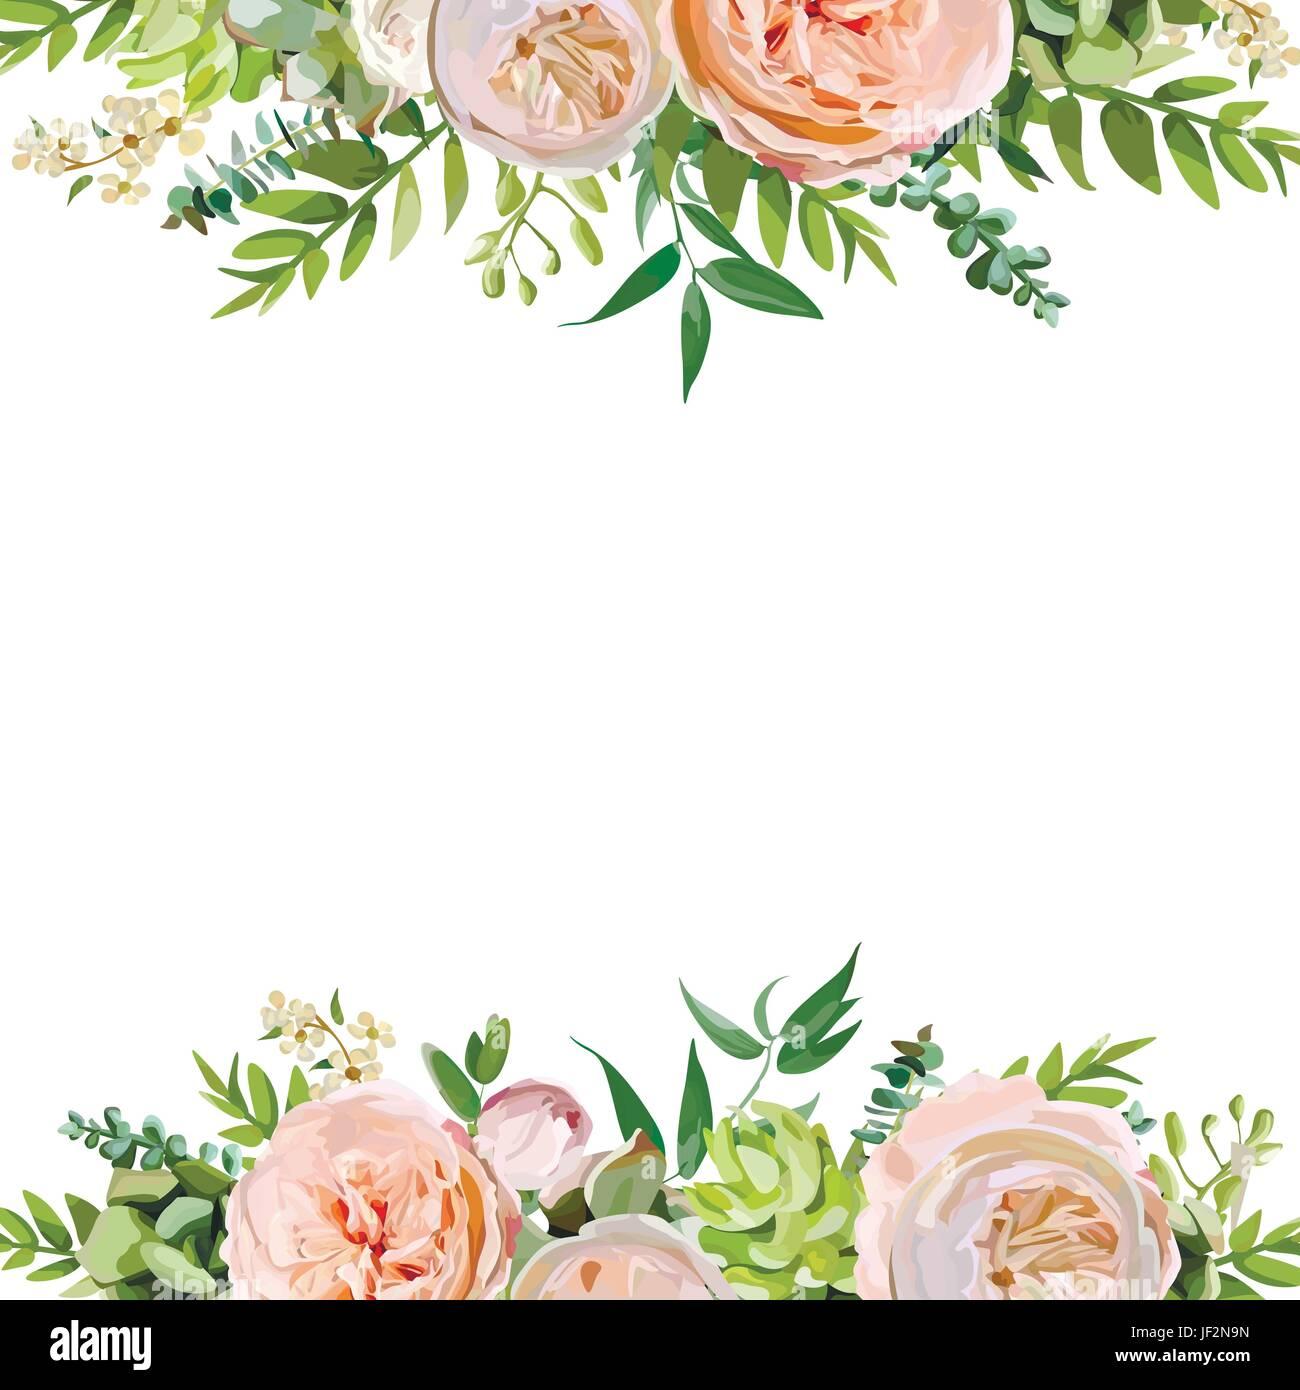 illustration soft floral - photo #33